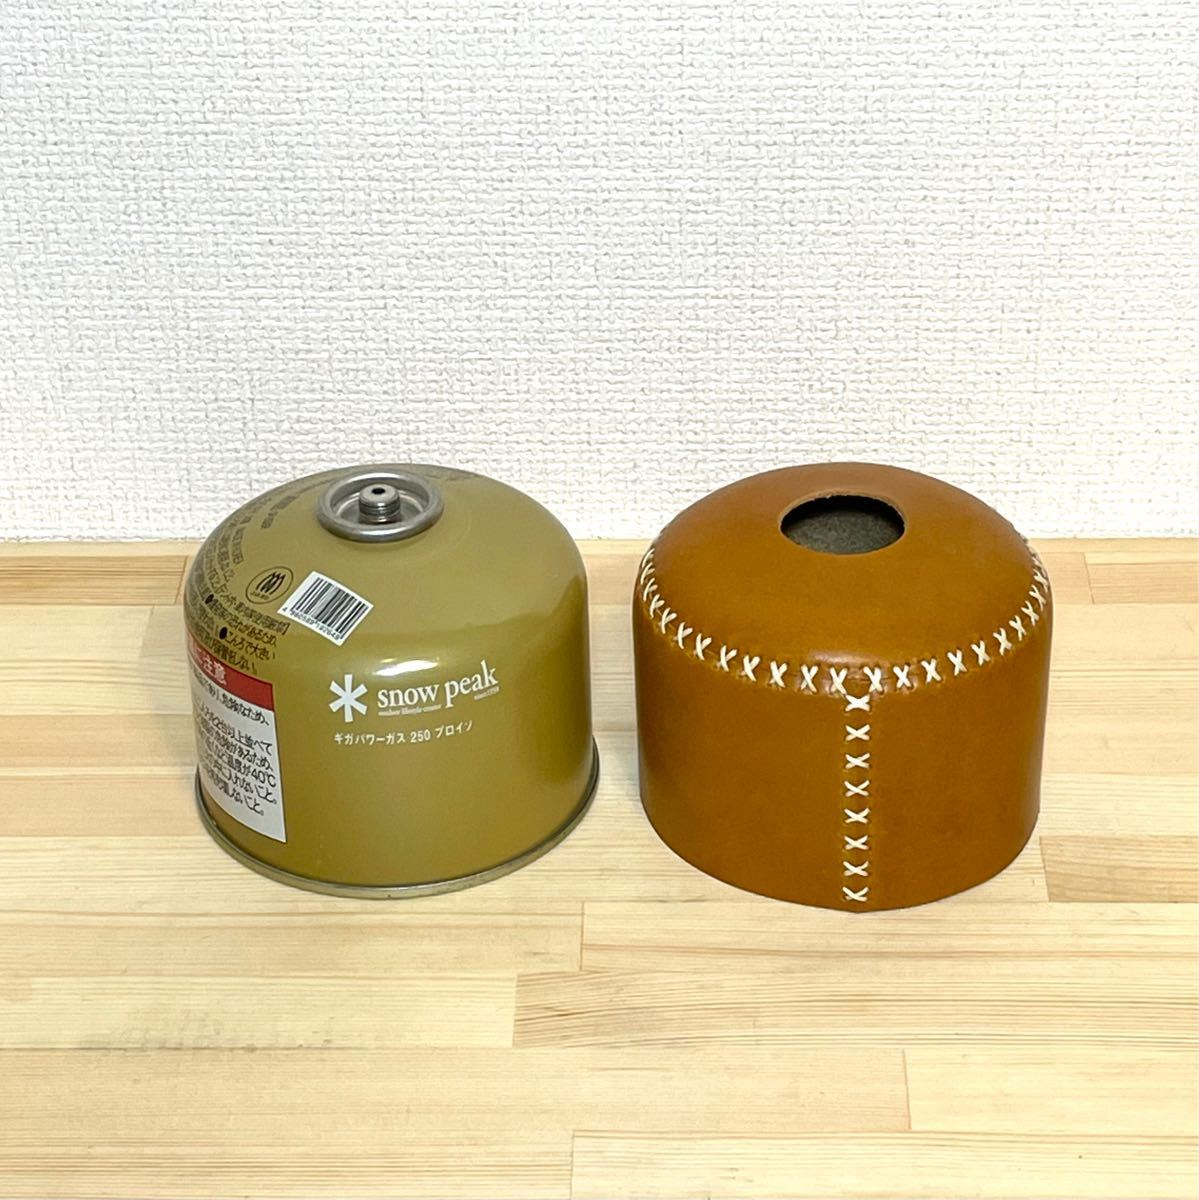 【ヌメ革】本革ガス缶カバー OD缶カバー キャンドルランタンカバーレザーカバー ノクターン ルミエール エジソンランタン SOTO